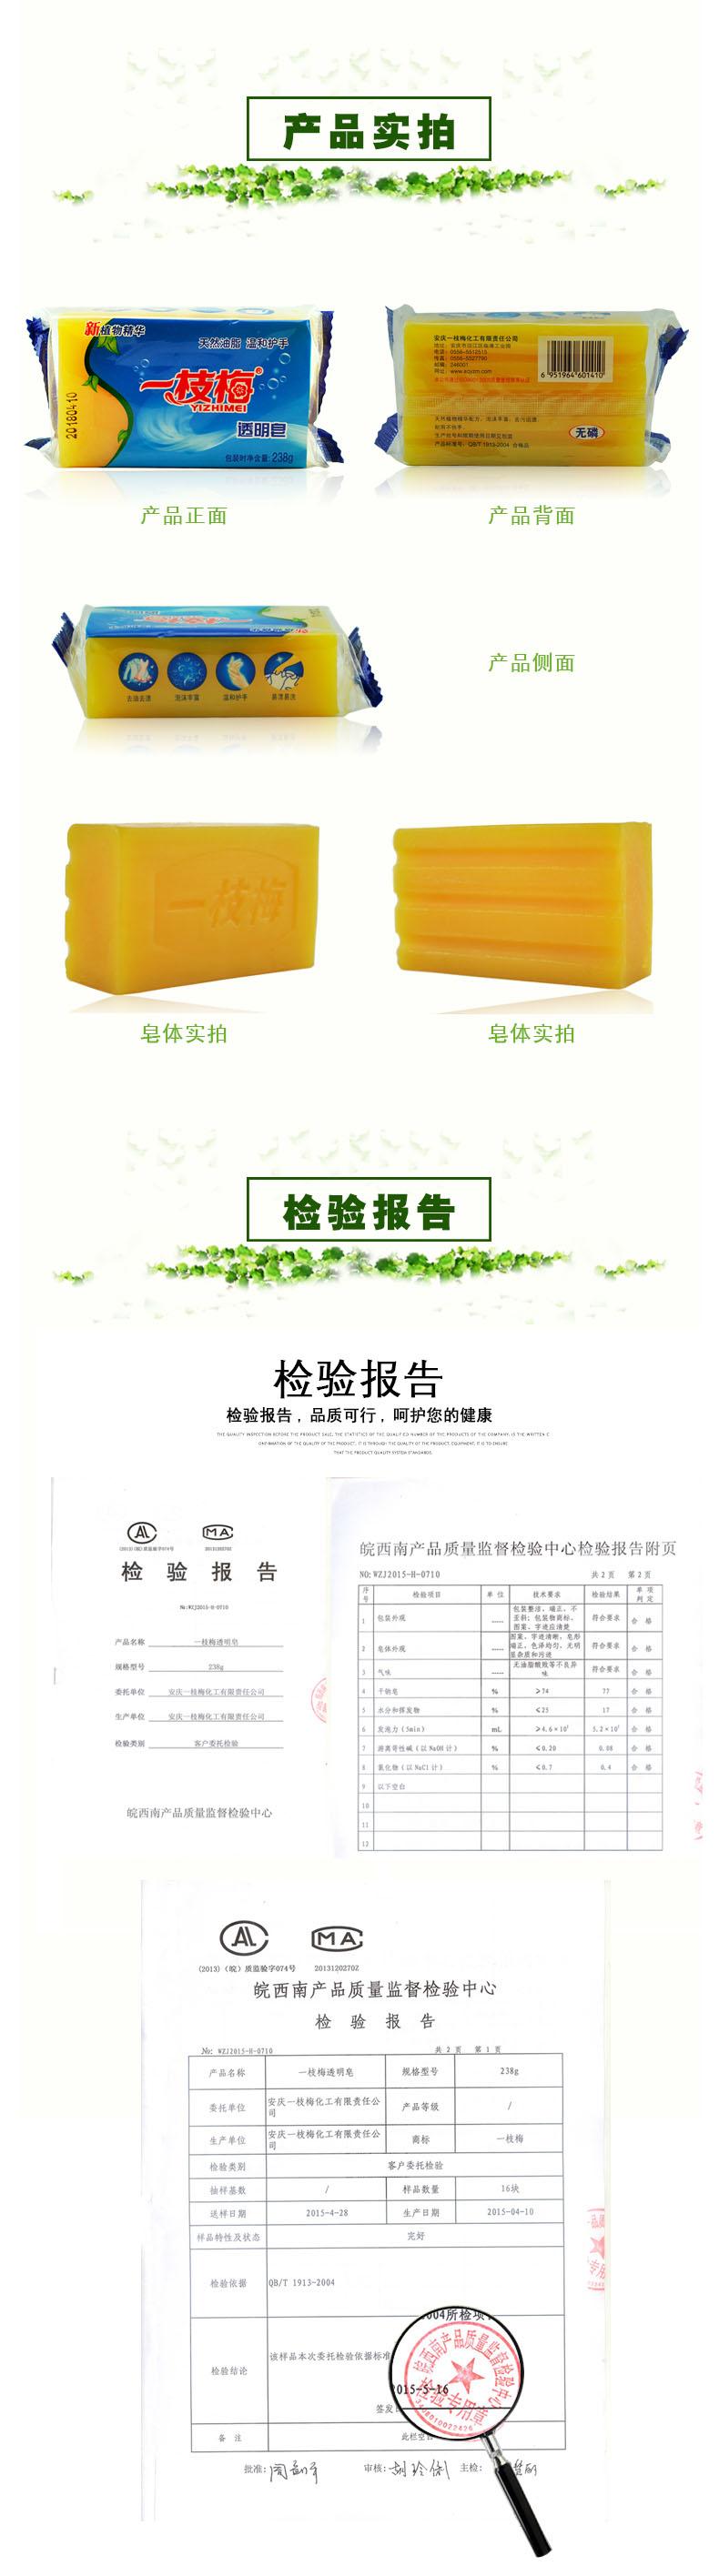 238克植物精華透明皂 詳情圖.jpg